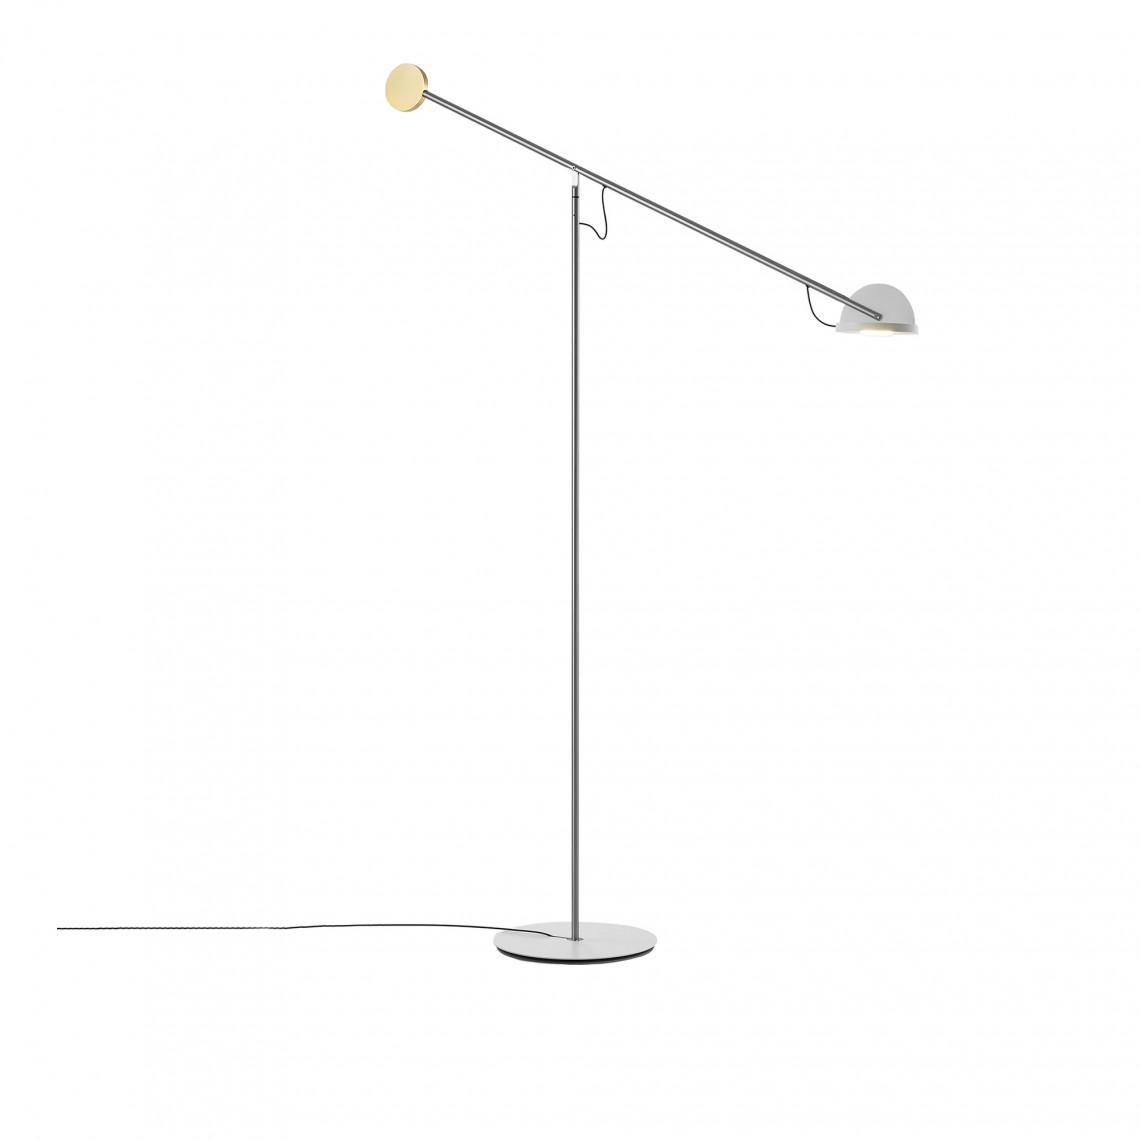 Copernica P - Floor Lamp Golden/White